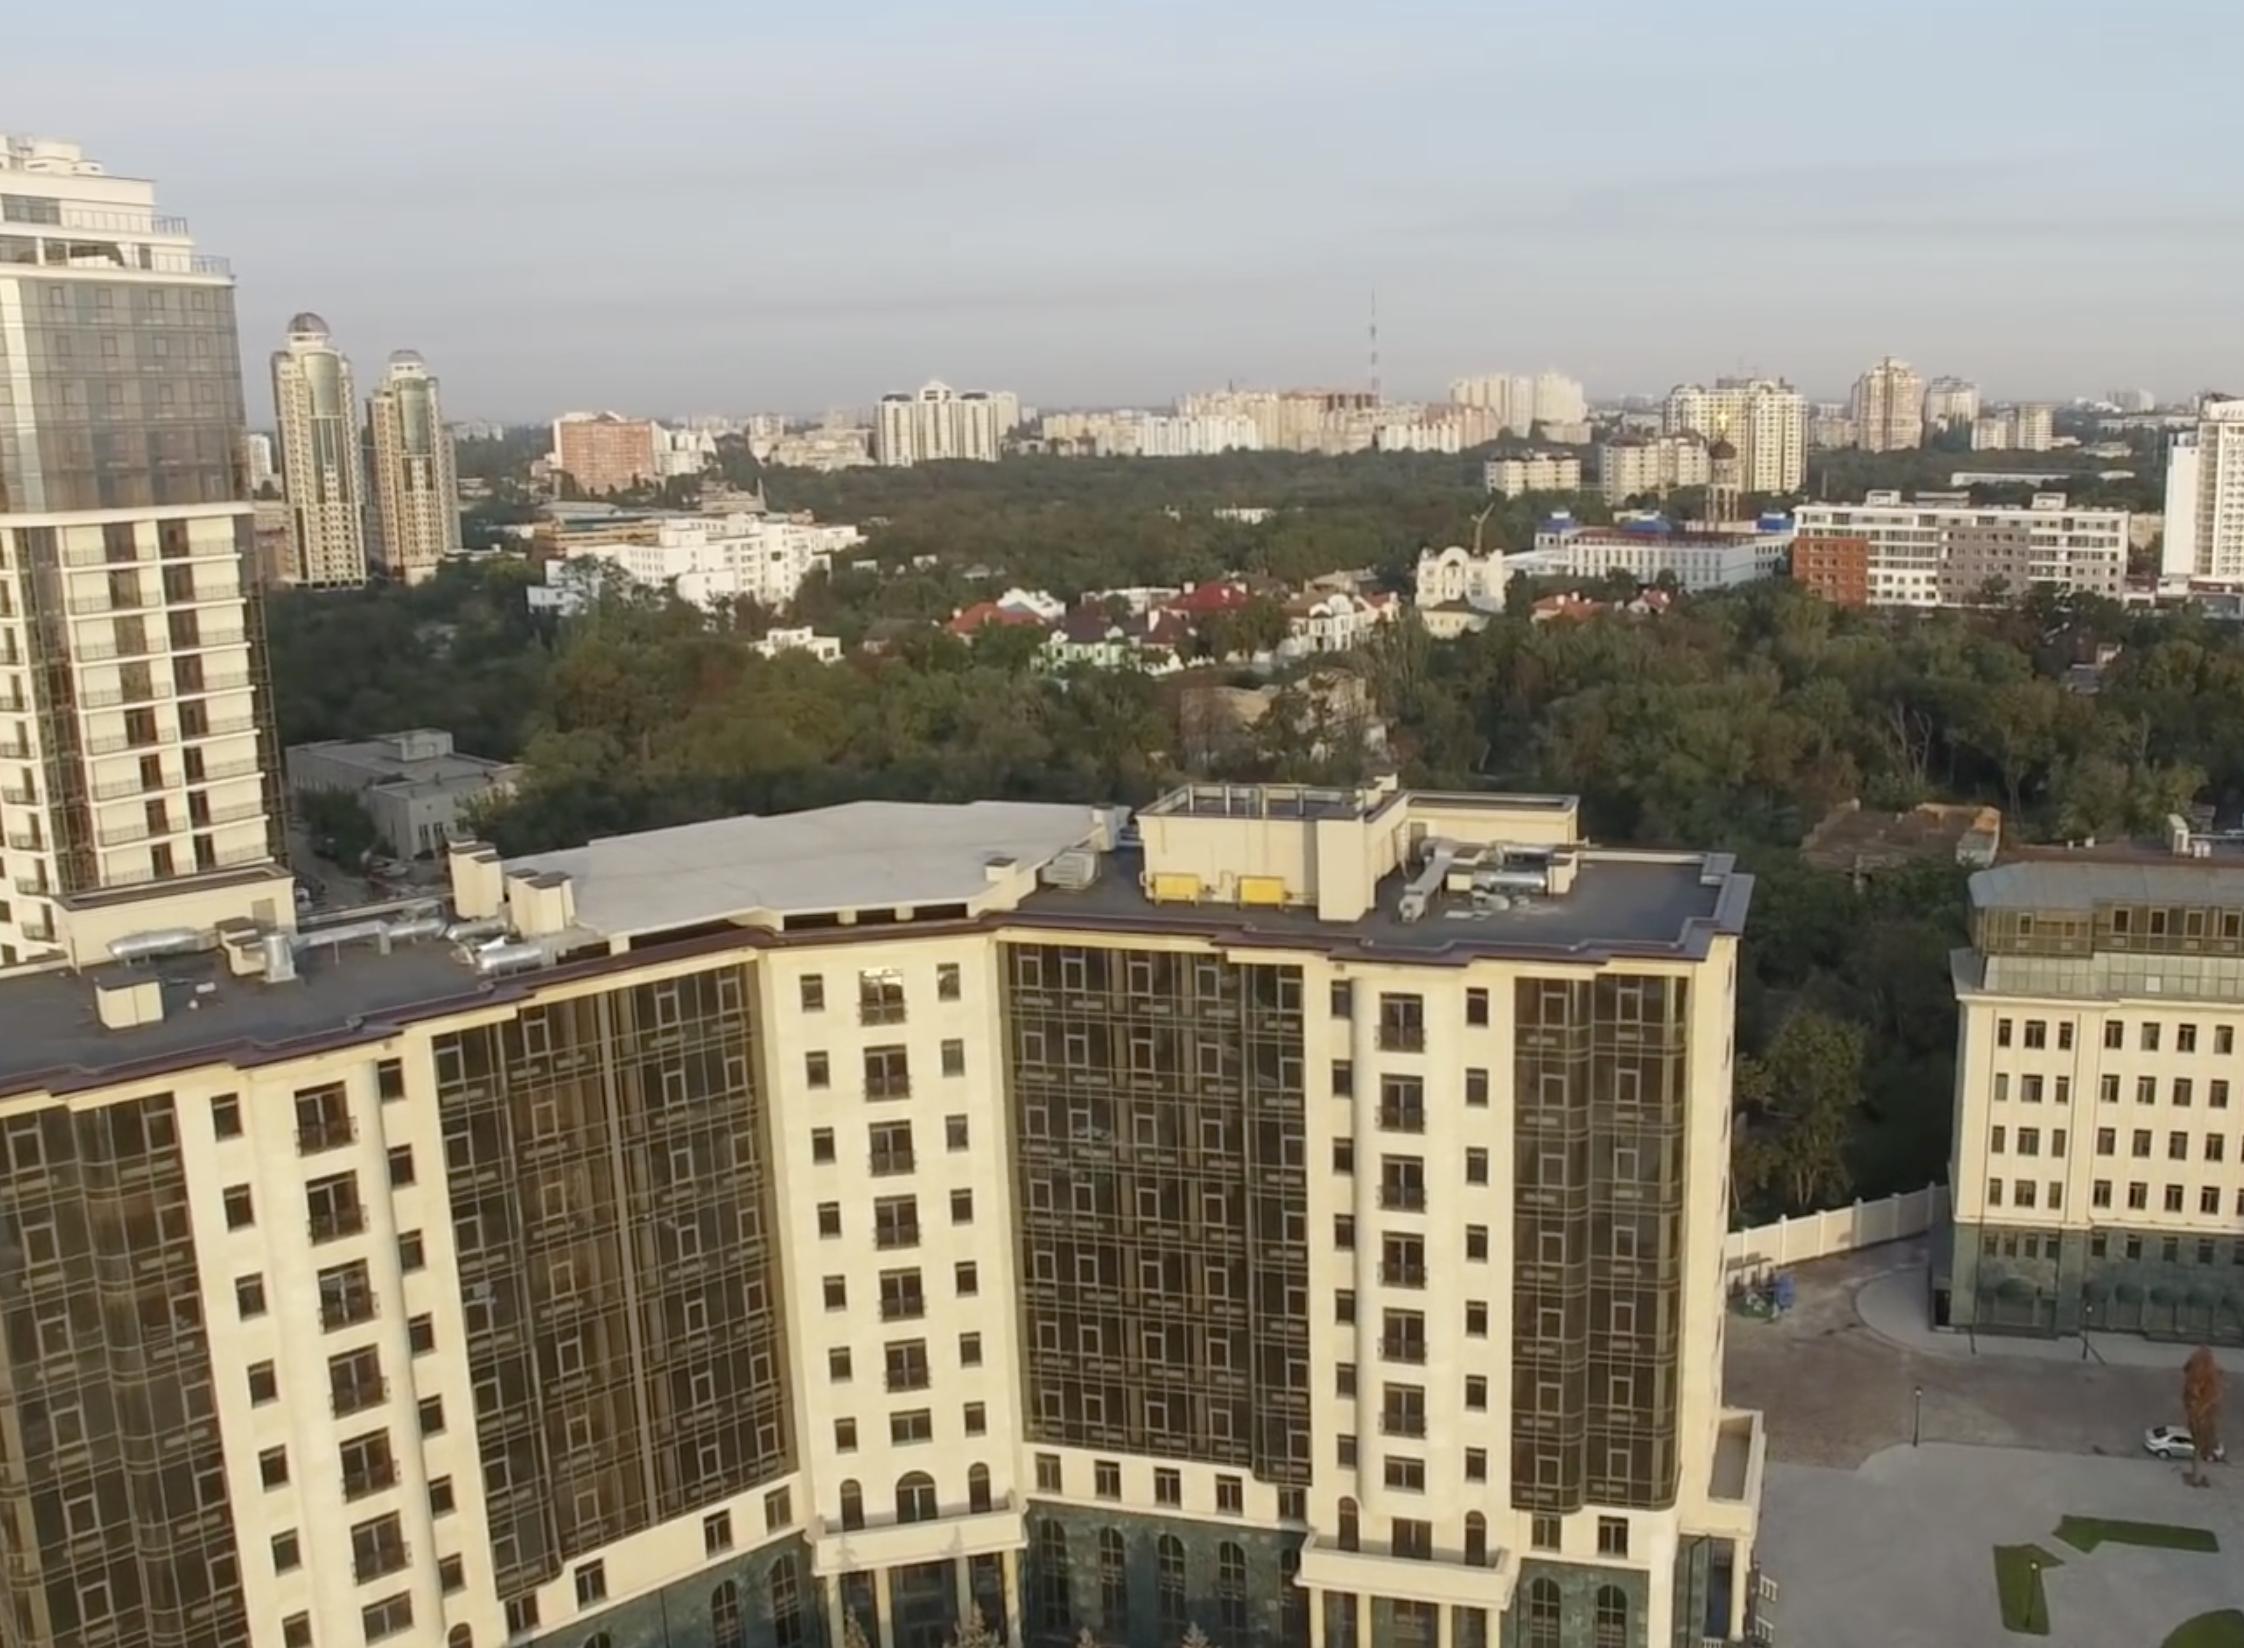 Бывший санаторий рядом с одесской Аркадией: коттеджи и высотки над побережьем (видео)